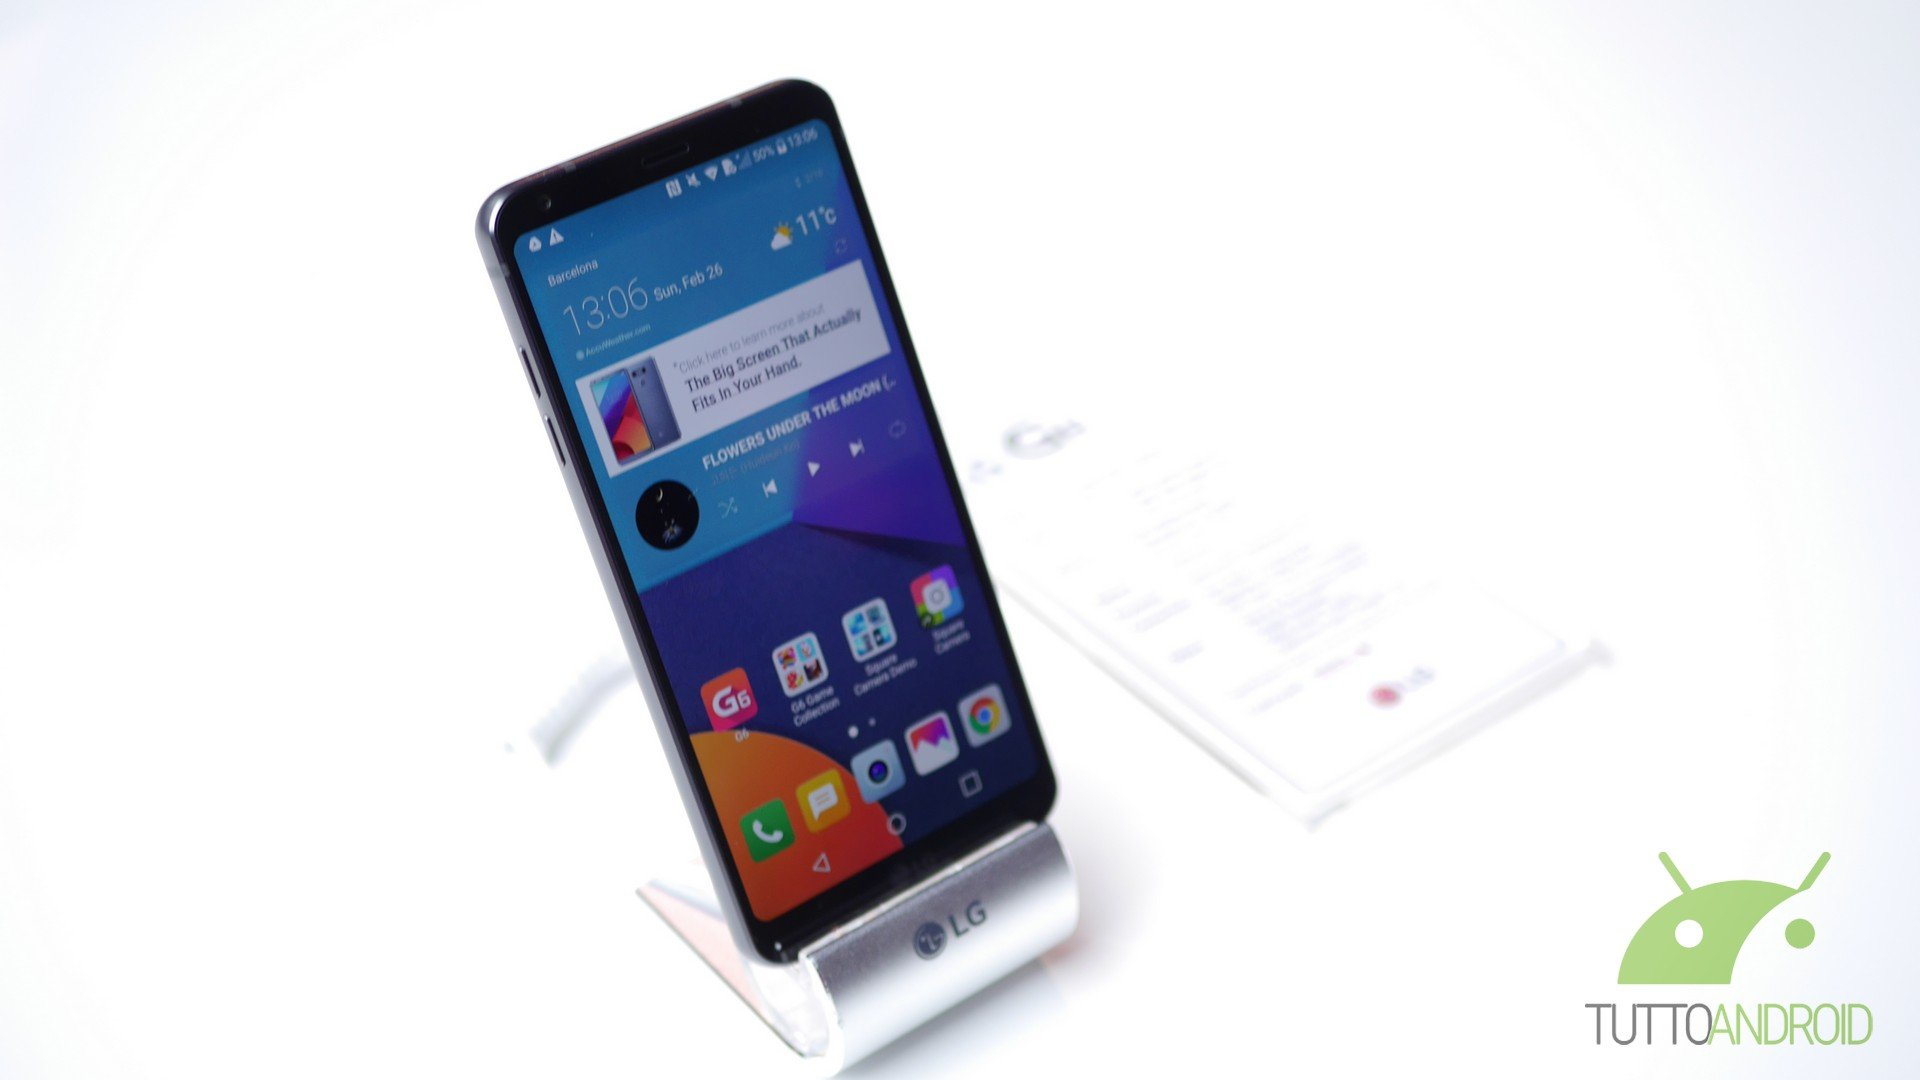 LG G6 si graffia, tanto quanto qualsiasi altro smartphone in vetro